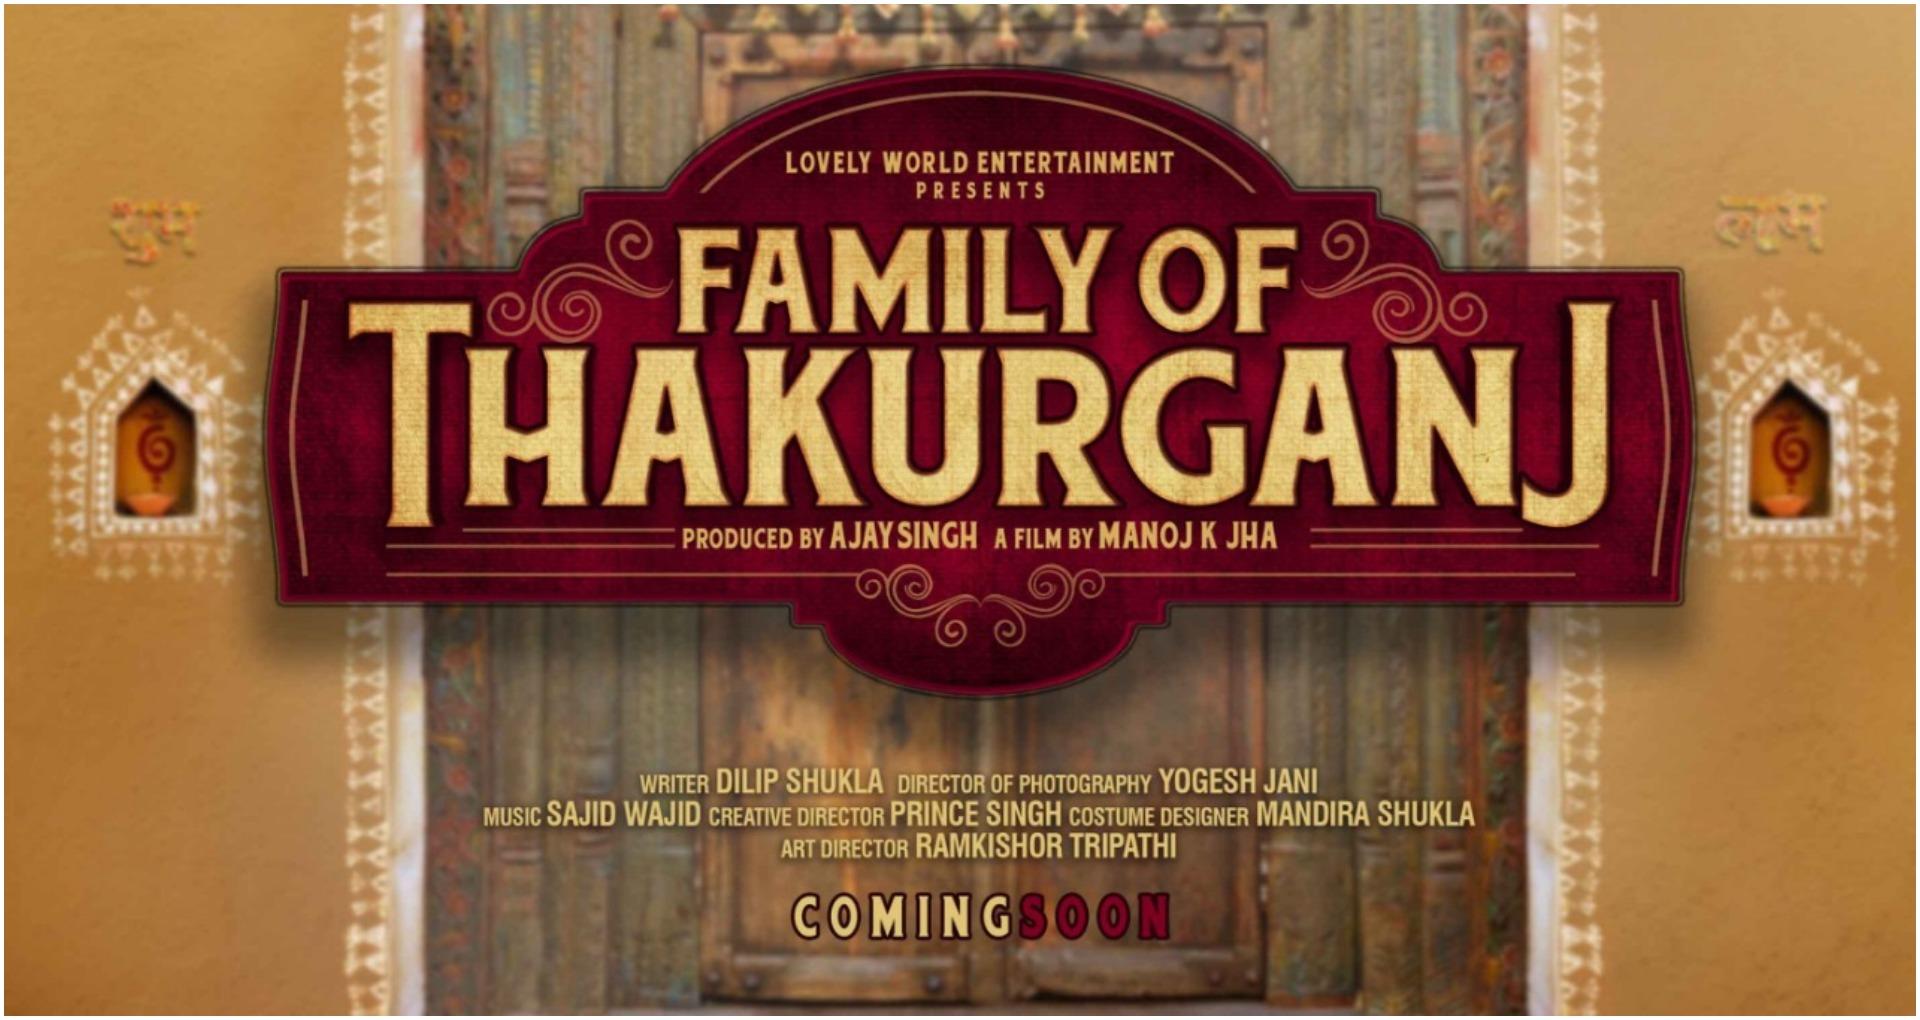 Family Of Thakurganj Trailer: जिमी शेरगिल औरमाही गिल के दमदार डायलॉग से भरपूर है फिल्म का ट्रेलर, देखें